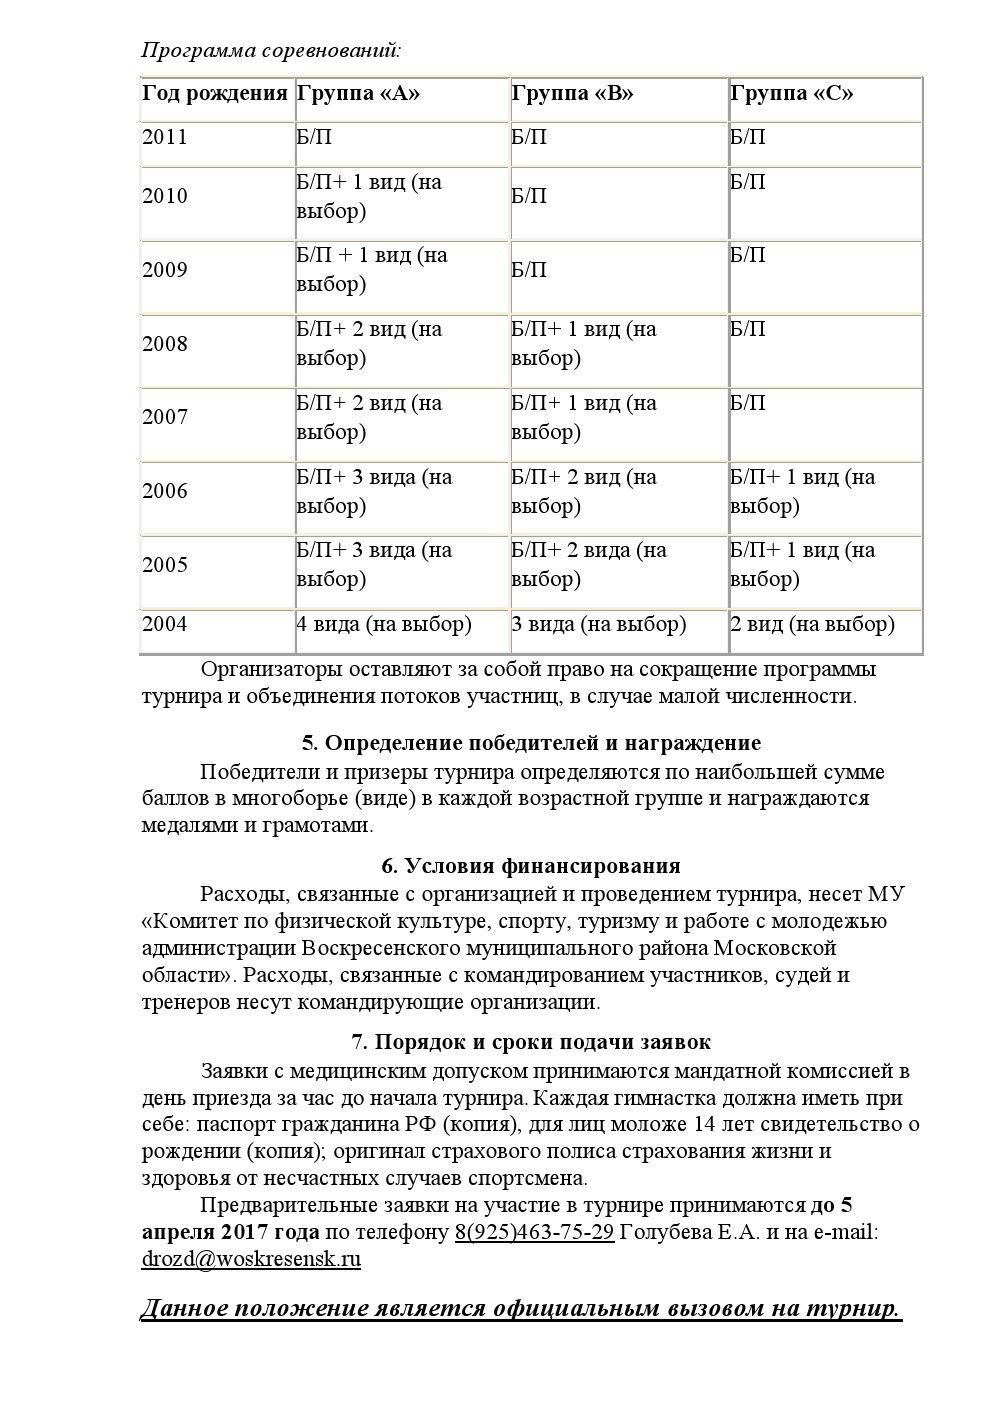 «Подснежники», 15.04.2017, МО, Воскресенск